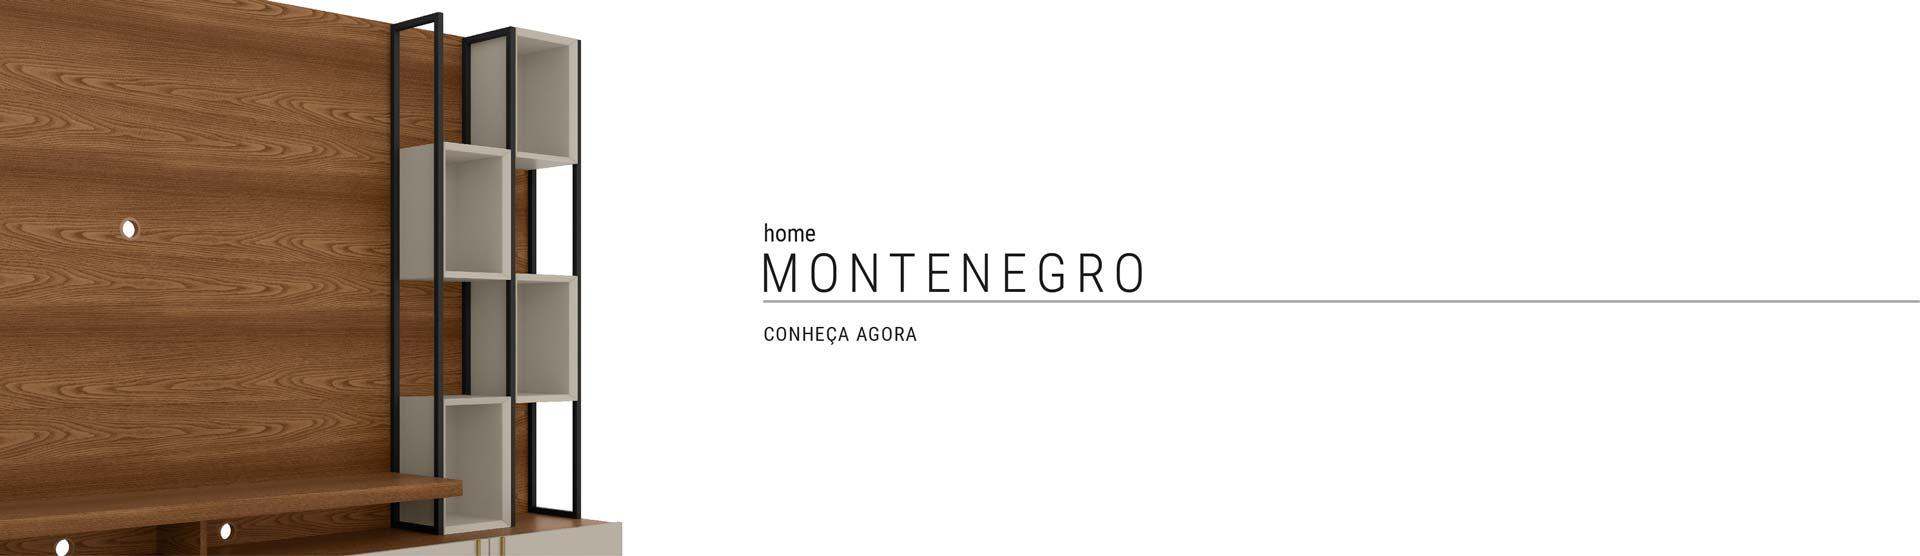 Home Montenegro